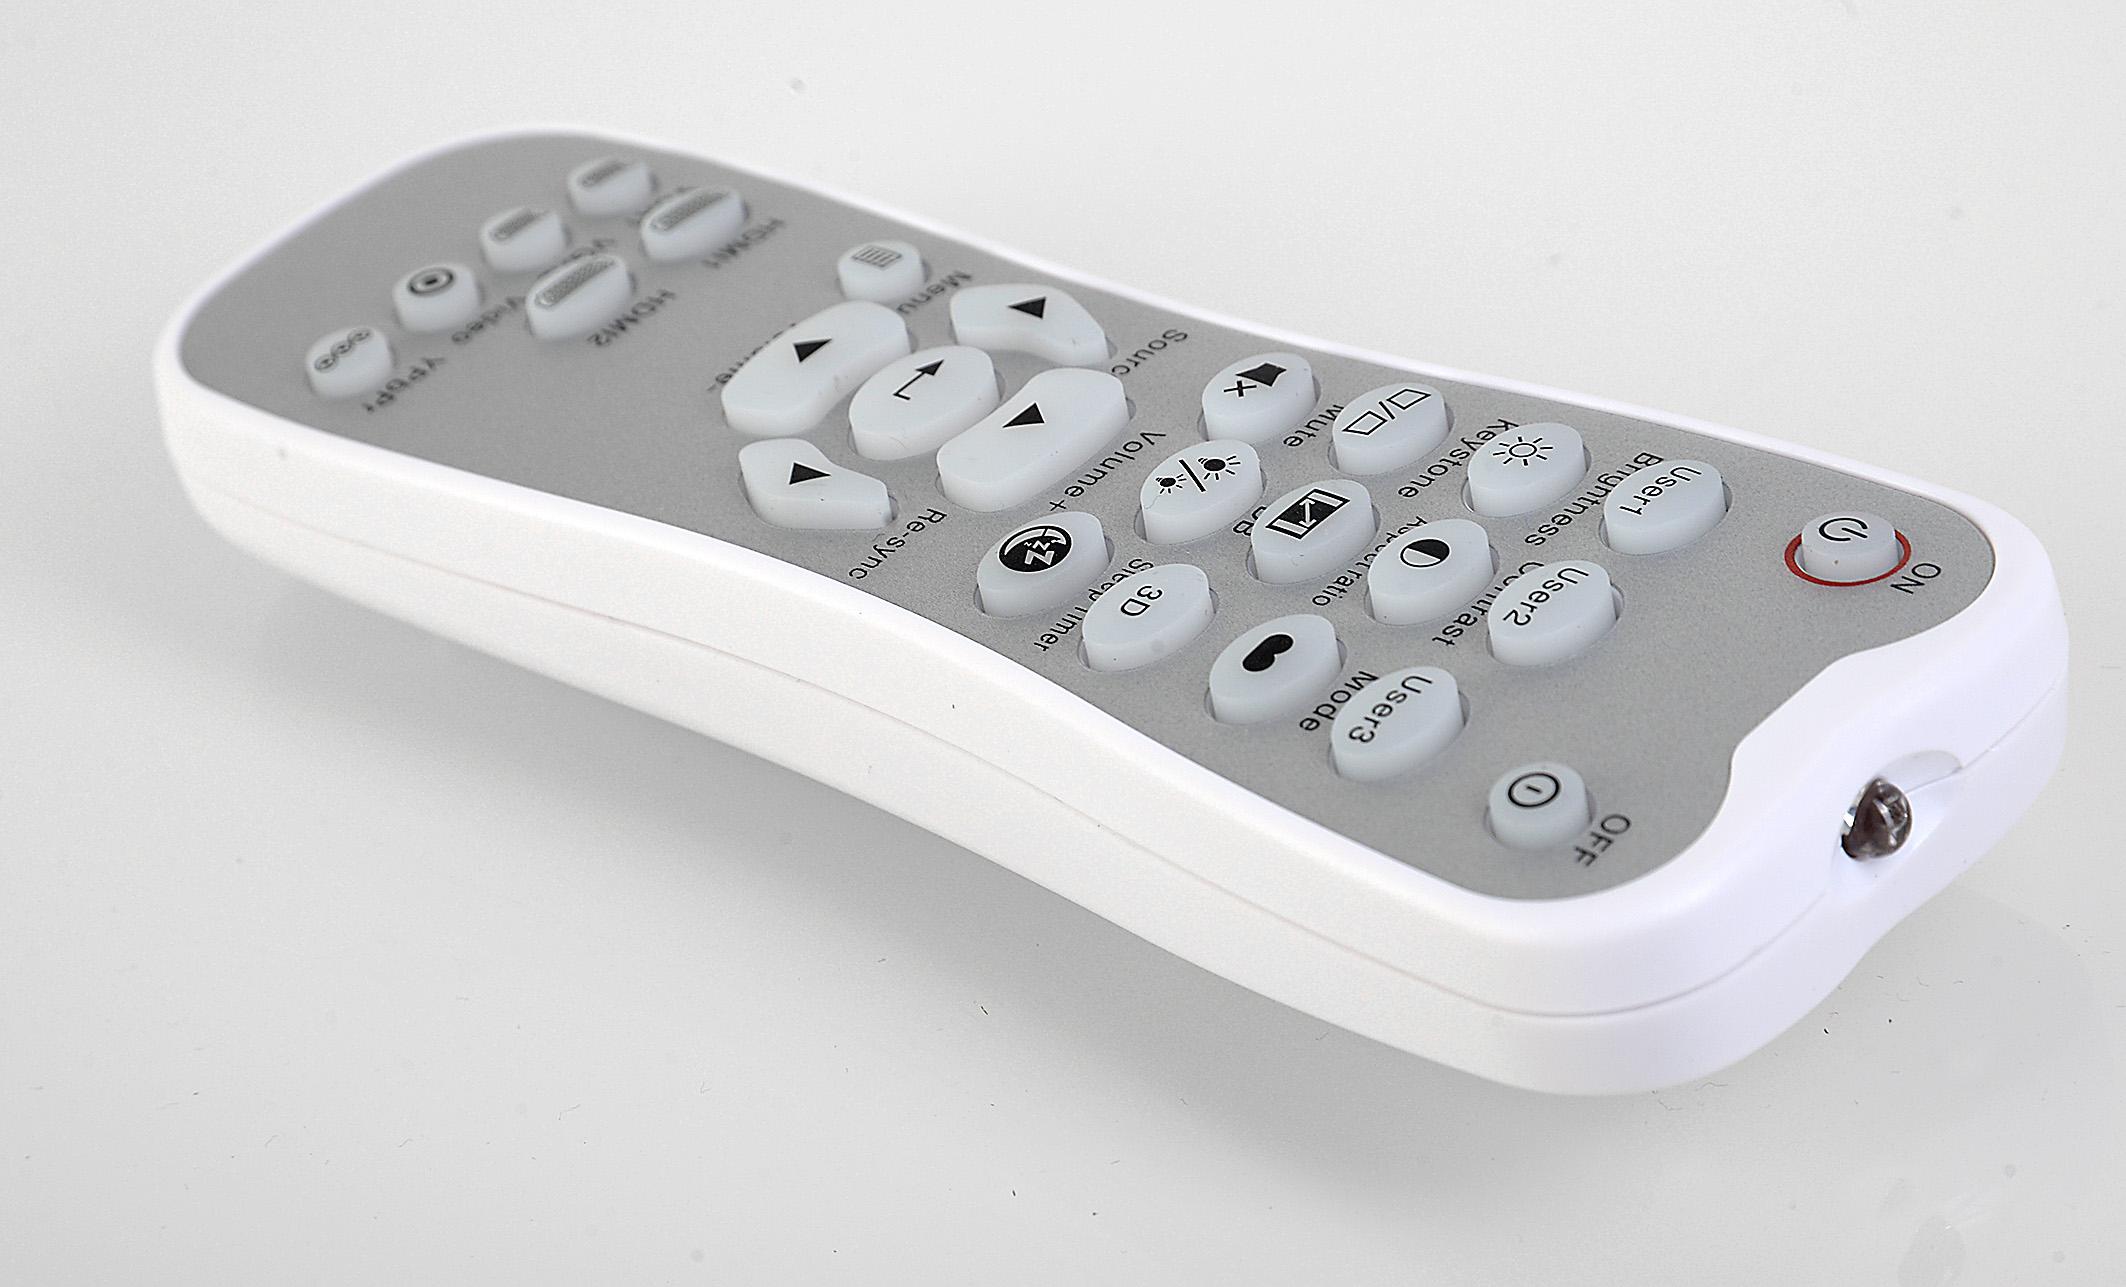 Foto: Michael B. Rehders Die Fernbedienung ist angenehm klein und somit handlich. Die unbeleuchtete Tastatur ist logisch aufgebaut und beschriftet. Ich kam damit sofort klar.